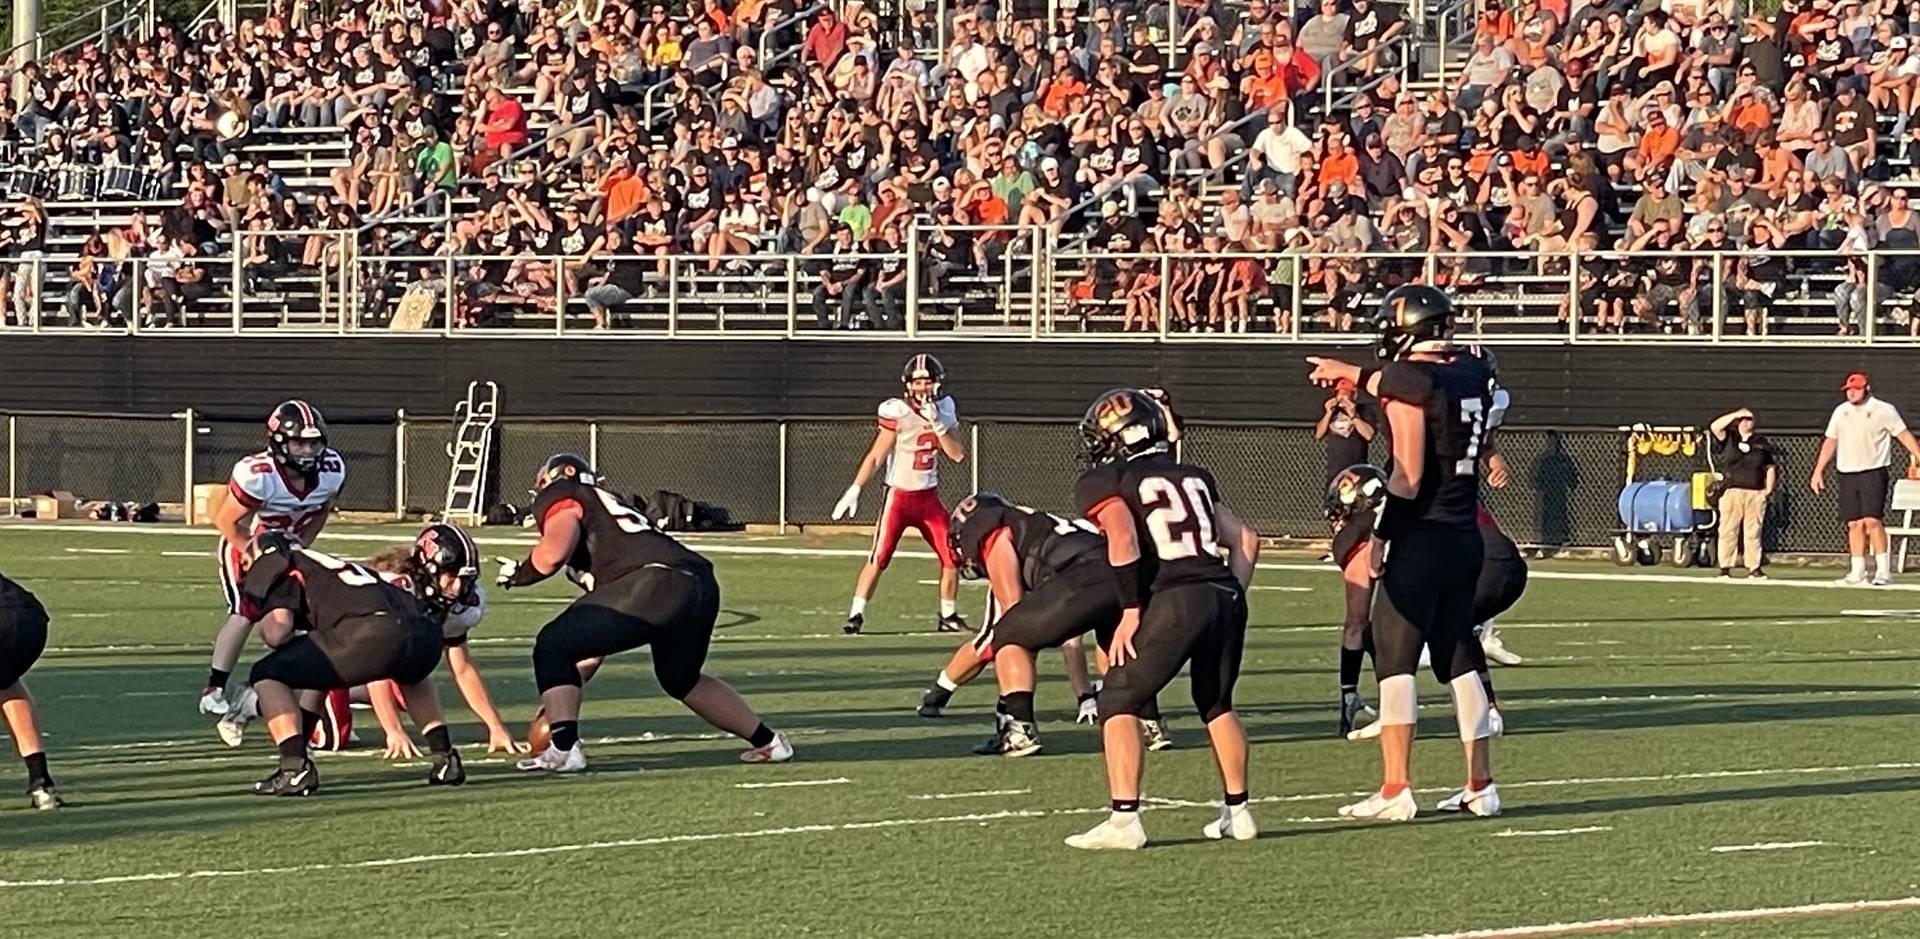 Varsity Football Taking On Fairfield Union